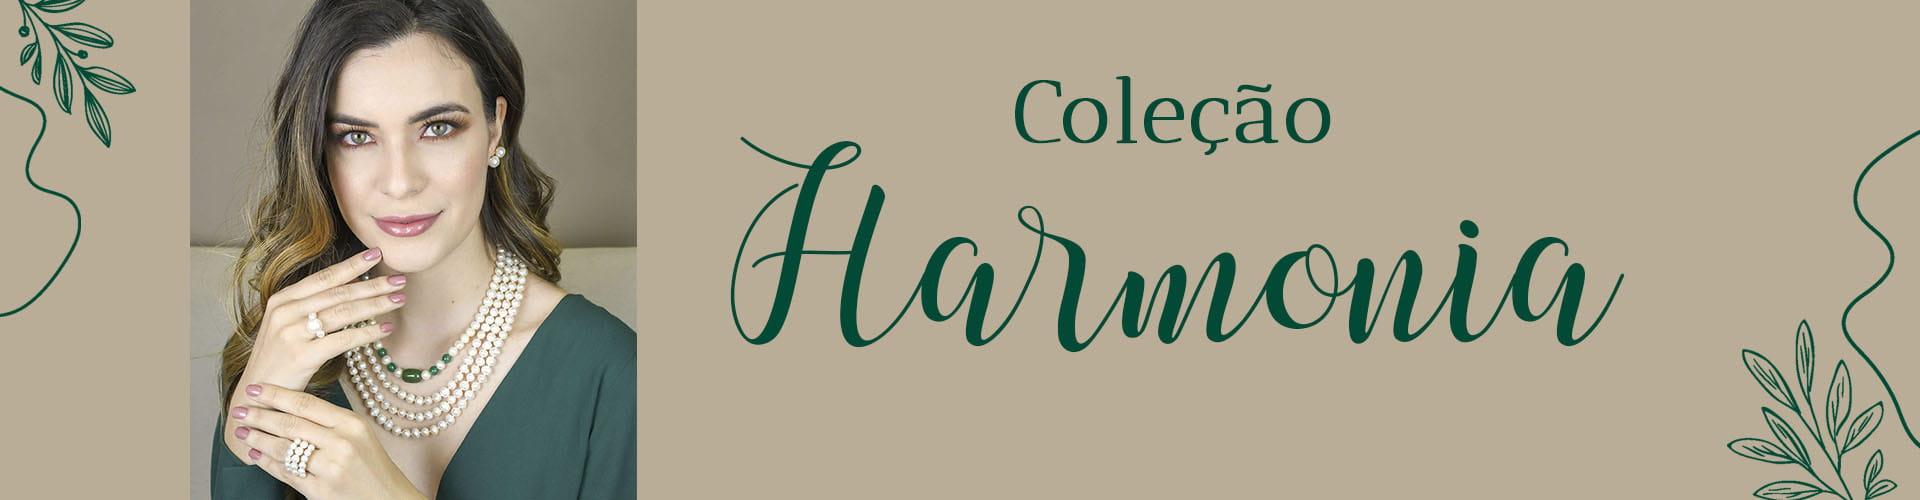 Coleção Harmonia